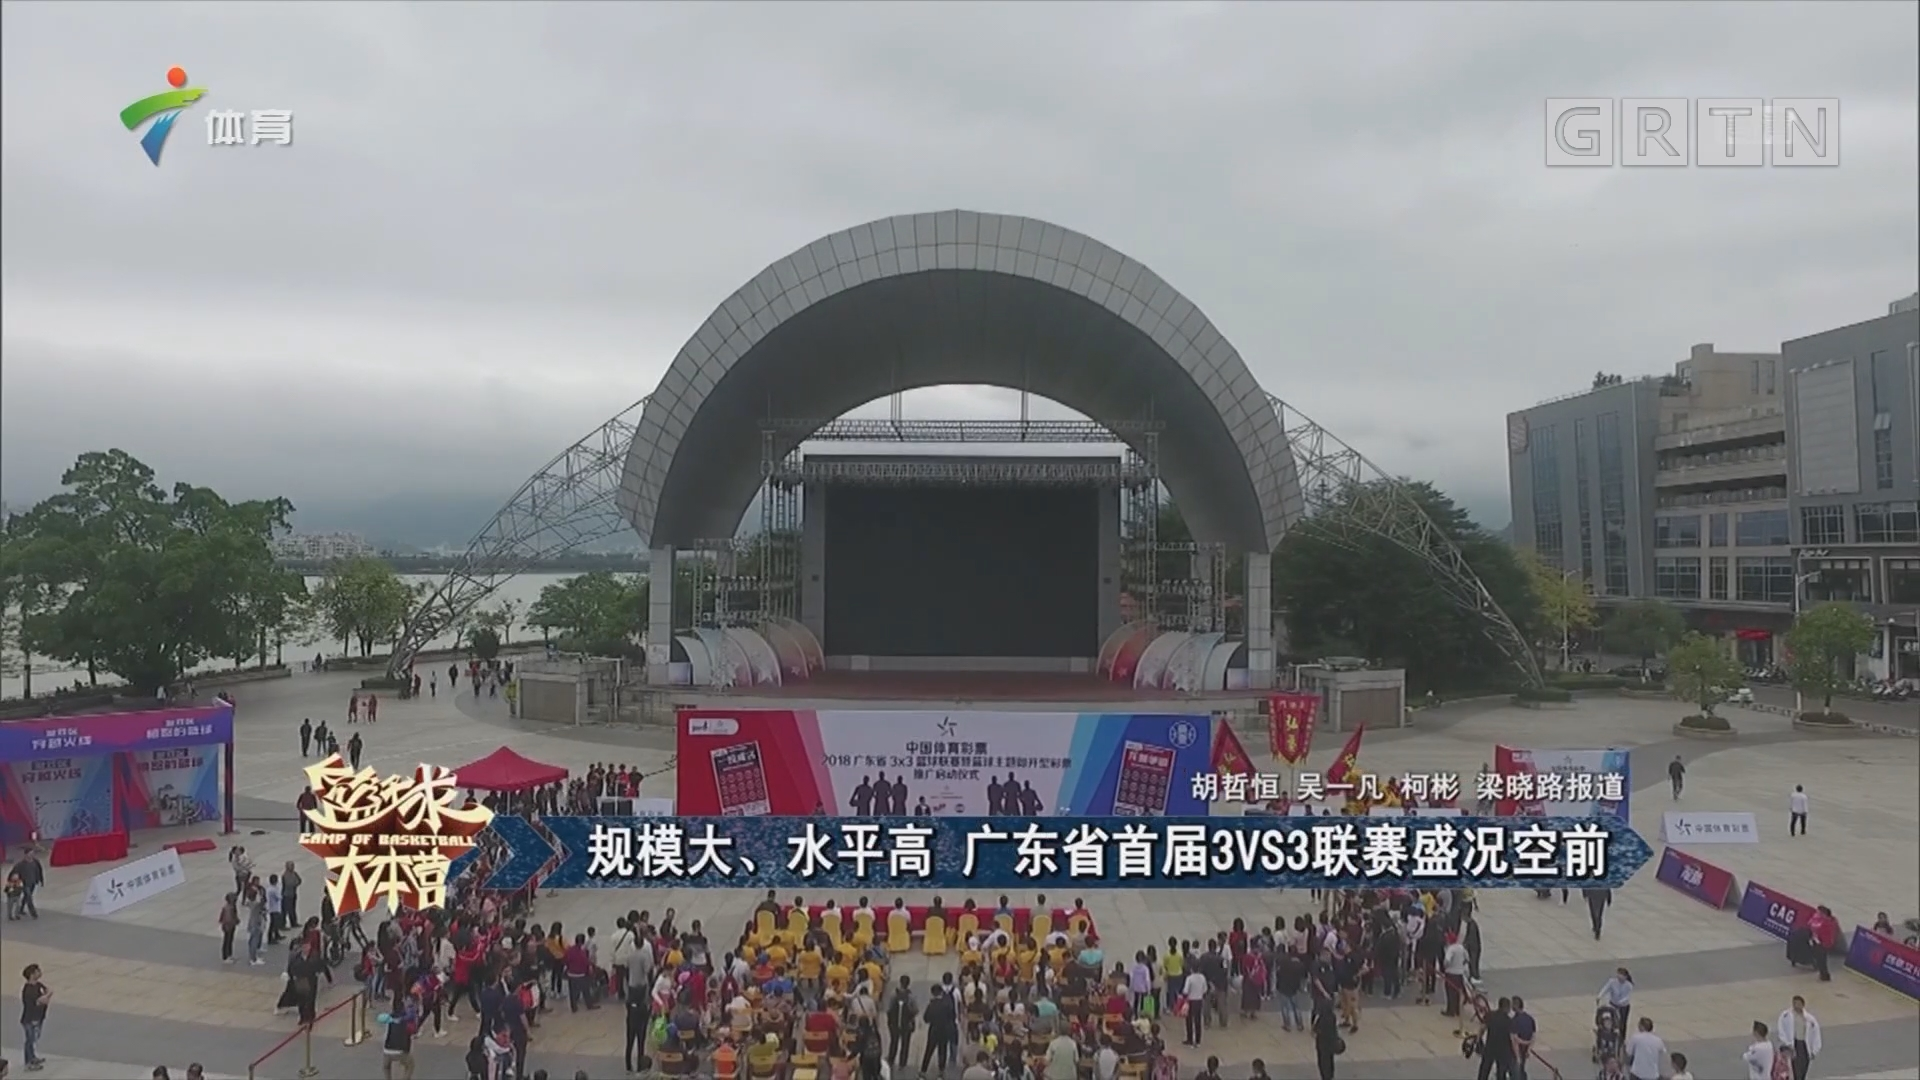 规模大、水平高 广东省首届3vs3联赛盛况空前